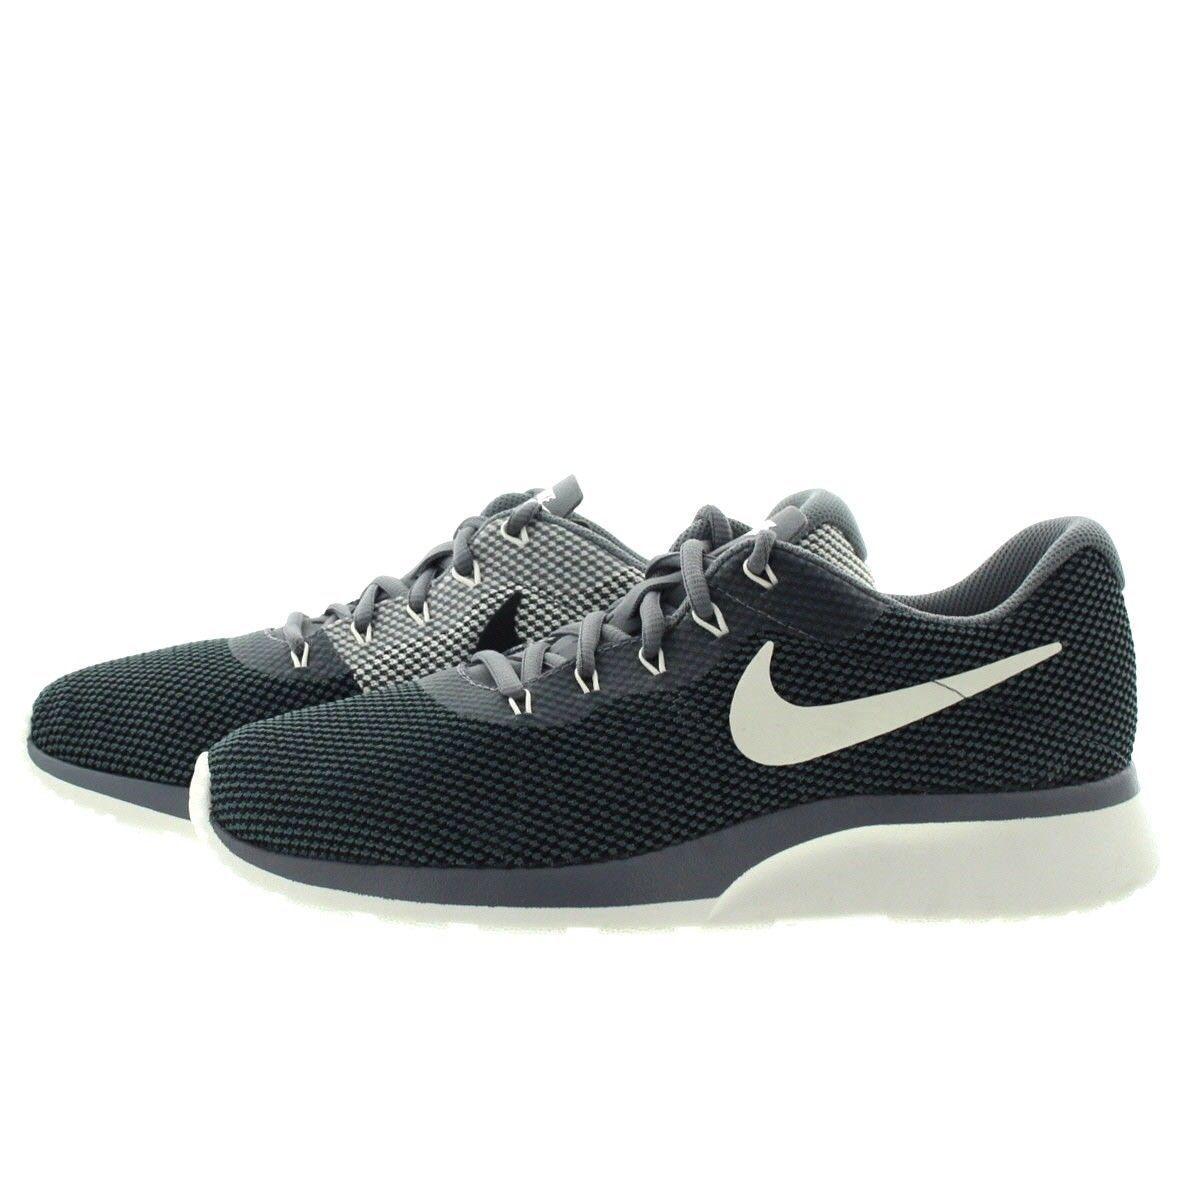 Nike di donne tanjun racer (upper leggera scarpa da corsa, scarpe da ginnastica 6 | Bella apparenza  | Scolaro/Ragazze Scarpa